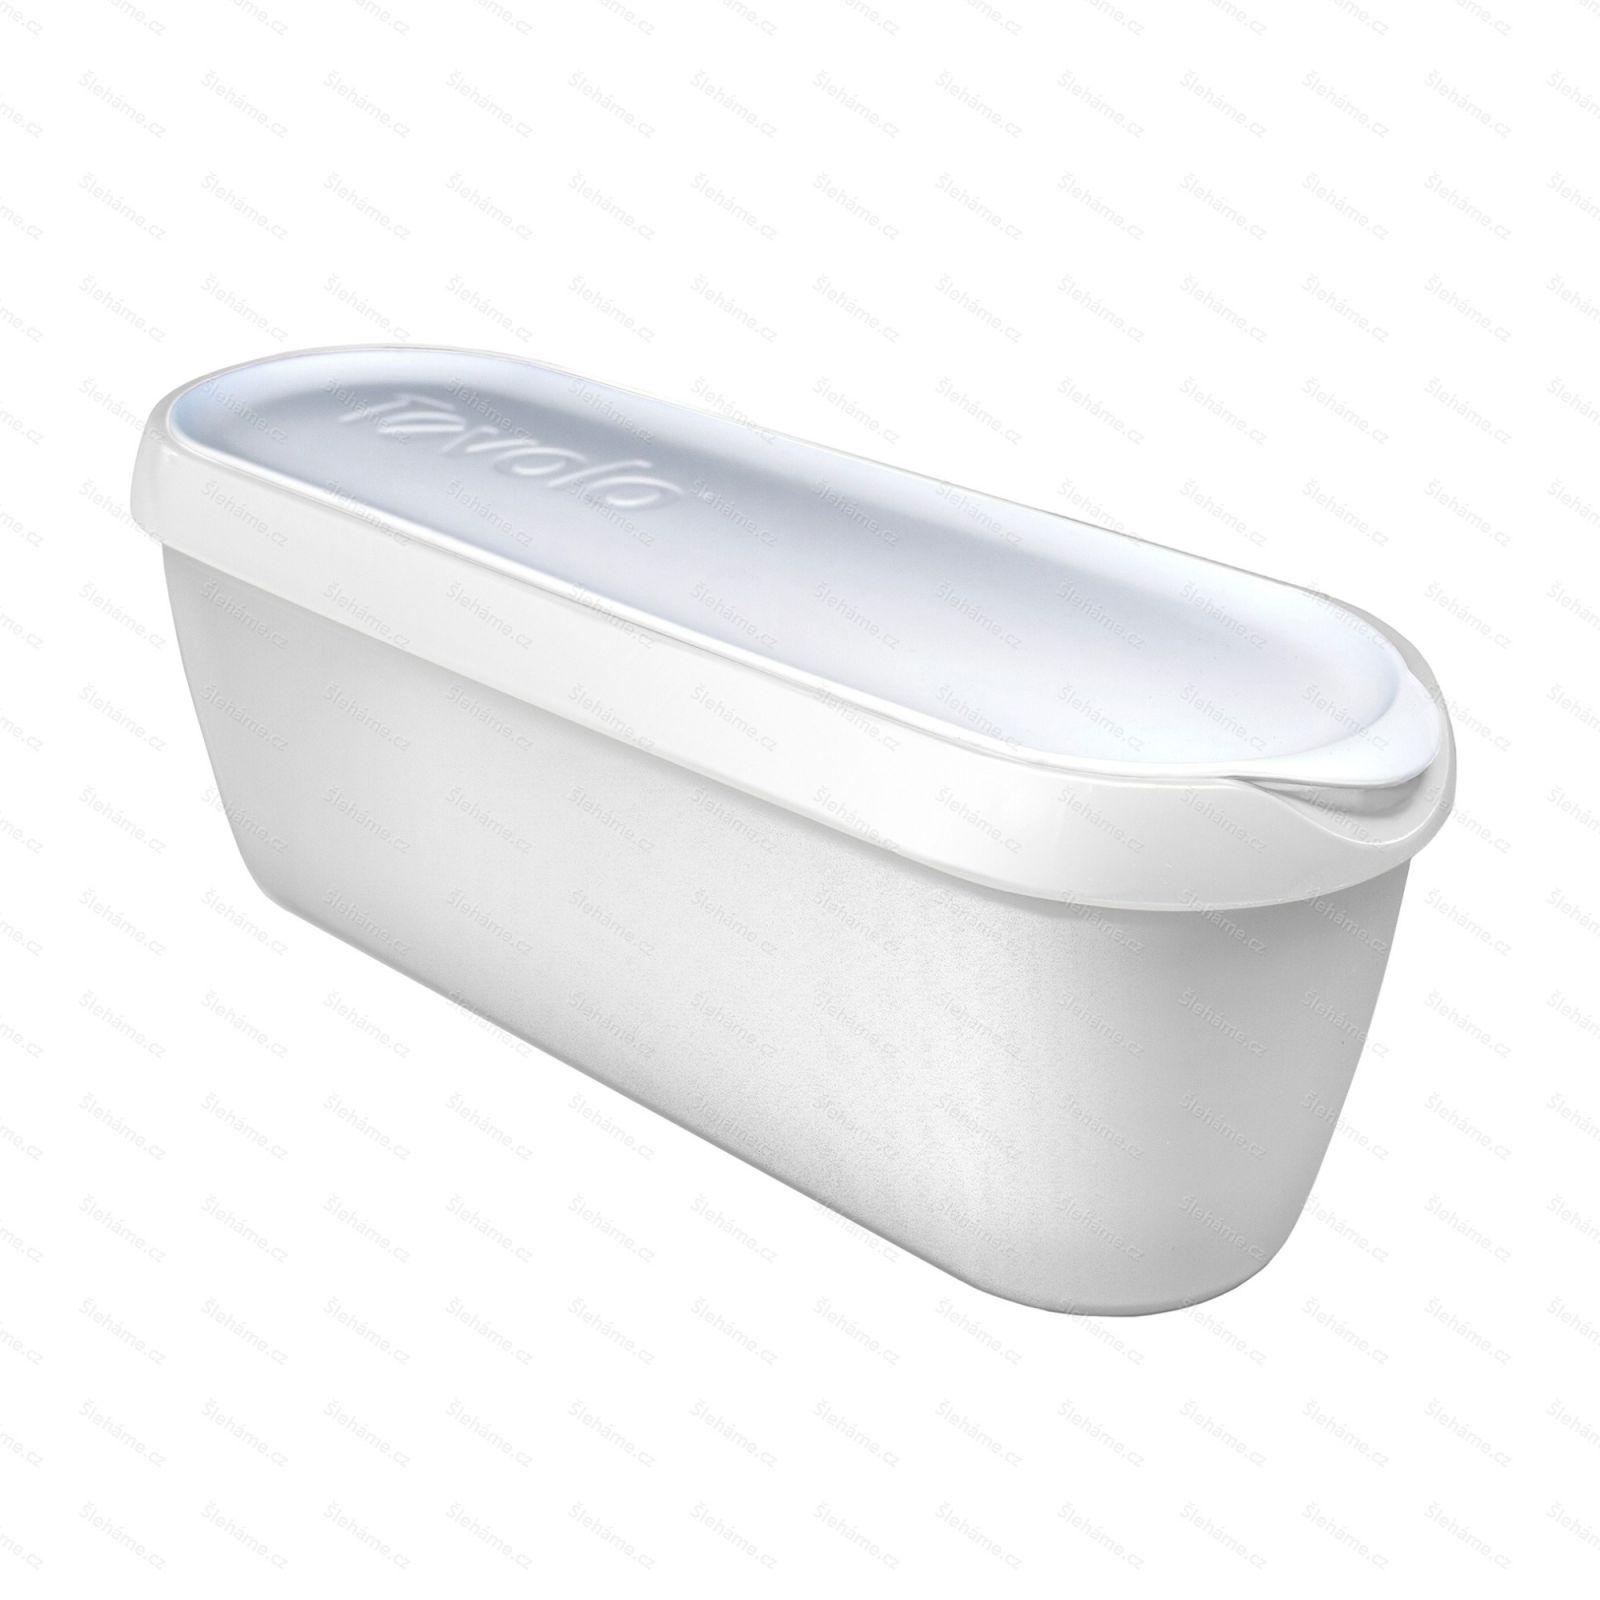 Ice cream tub Tovolo GLIDE-A-SCOOP 1.4 l, white